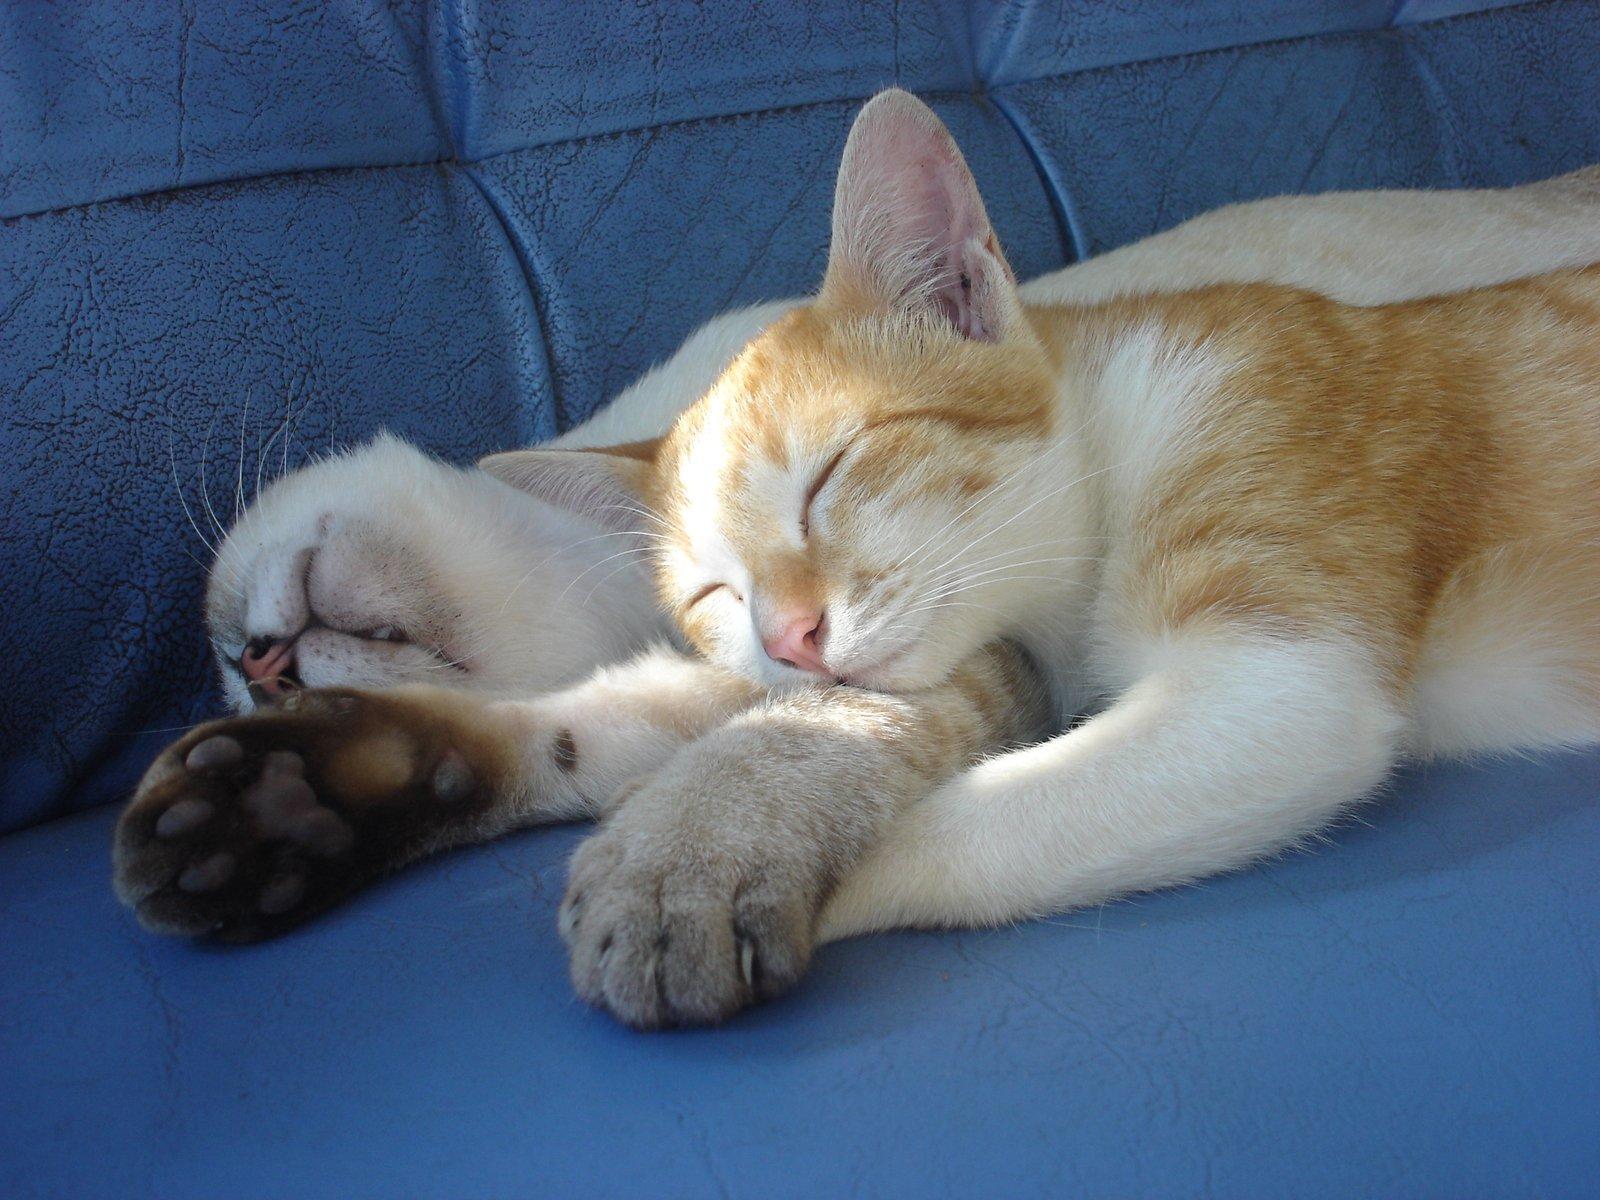 довольно маленький, фото кошек когда спят ткани